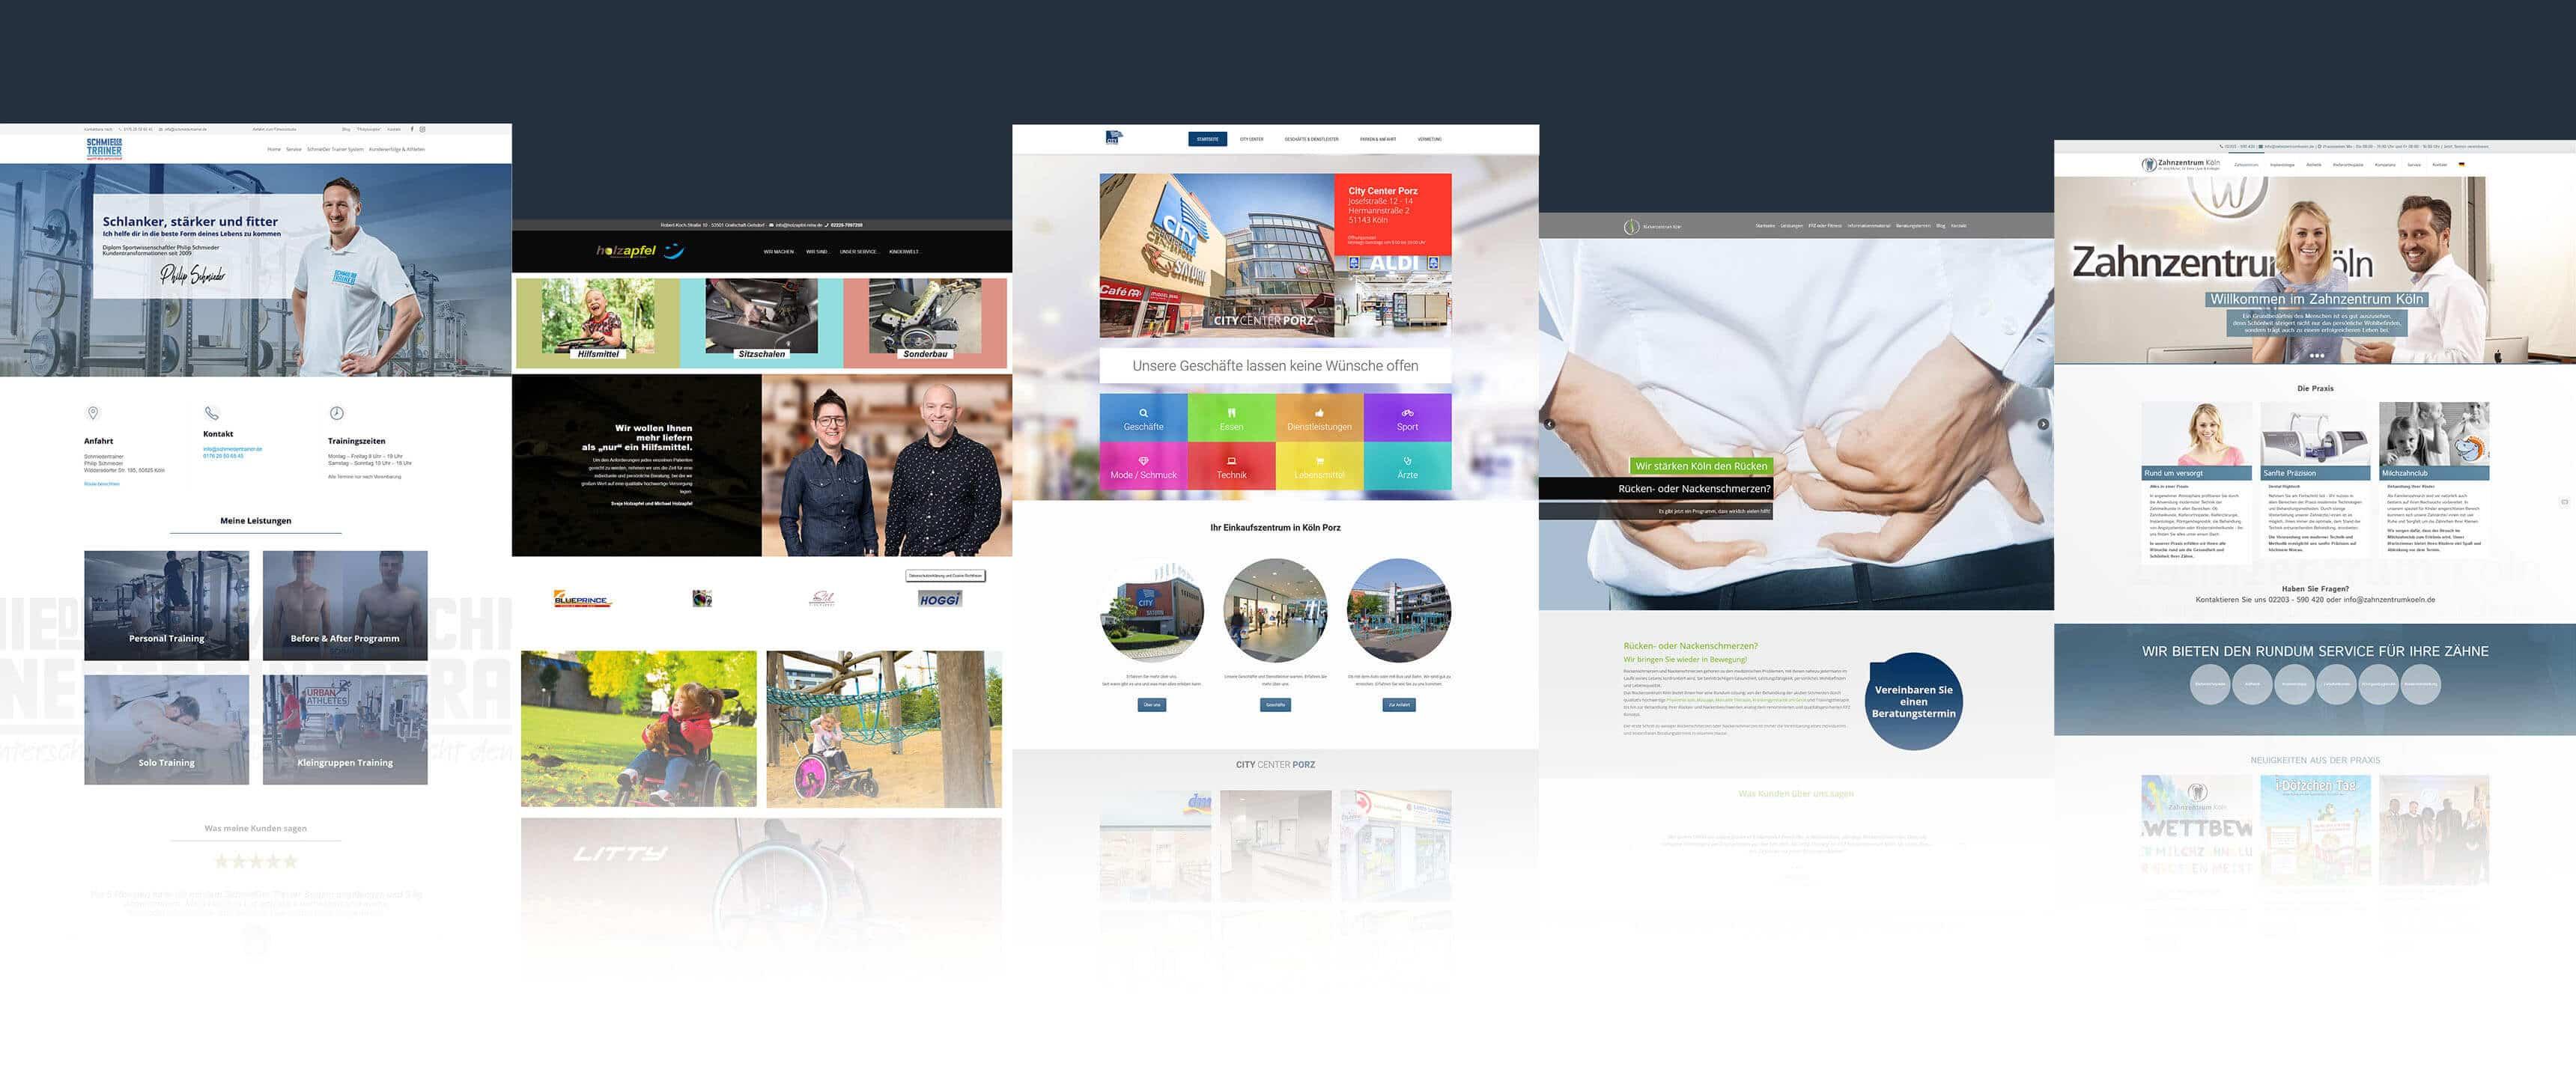 Bild mit Website Beispiele - Referenzen der Agentur